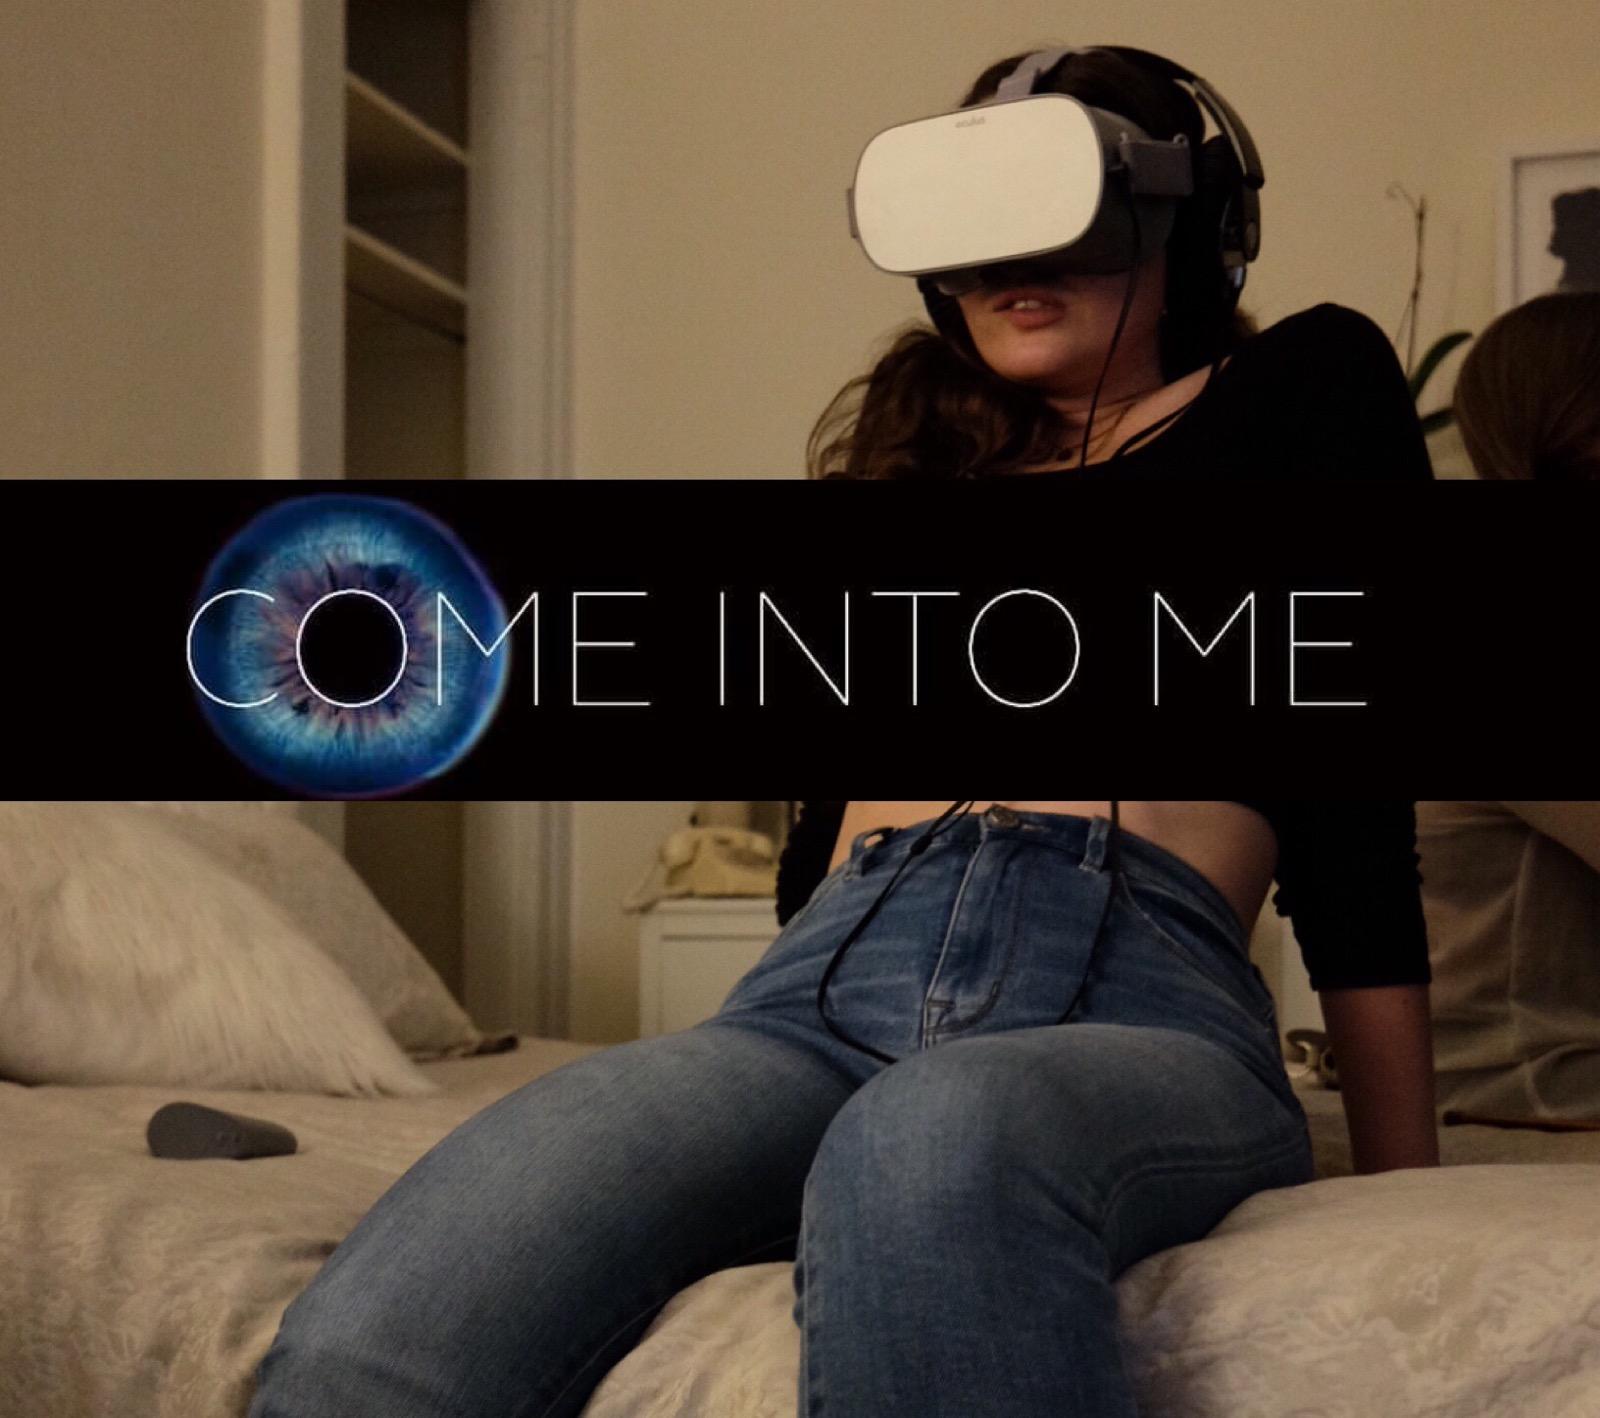 Come Into Me (VR Film) Promo